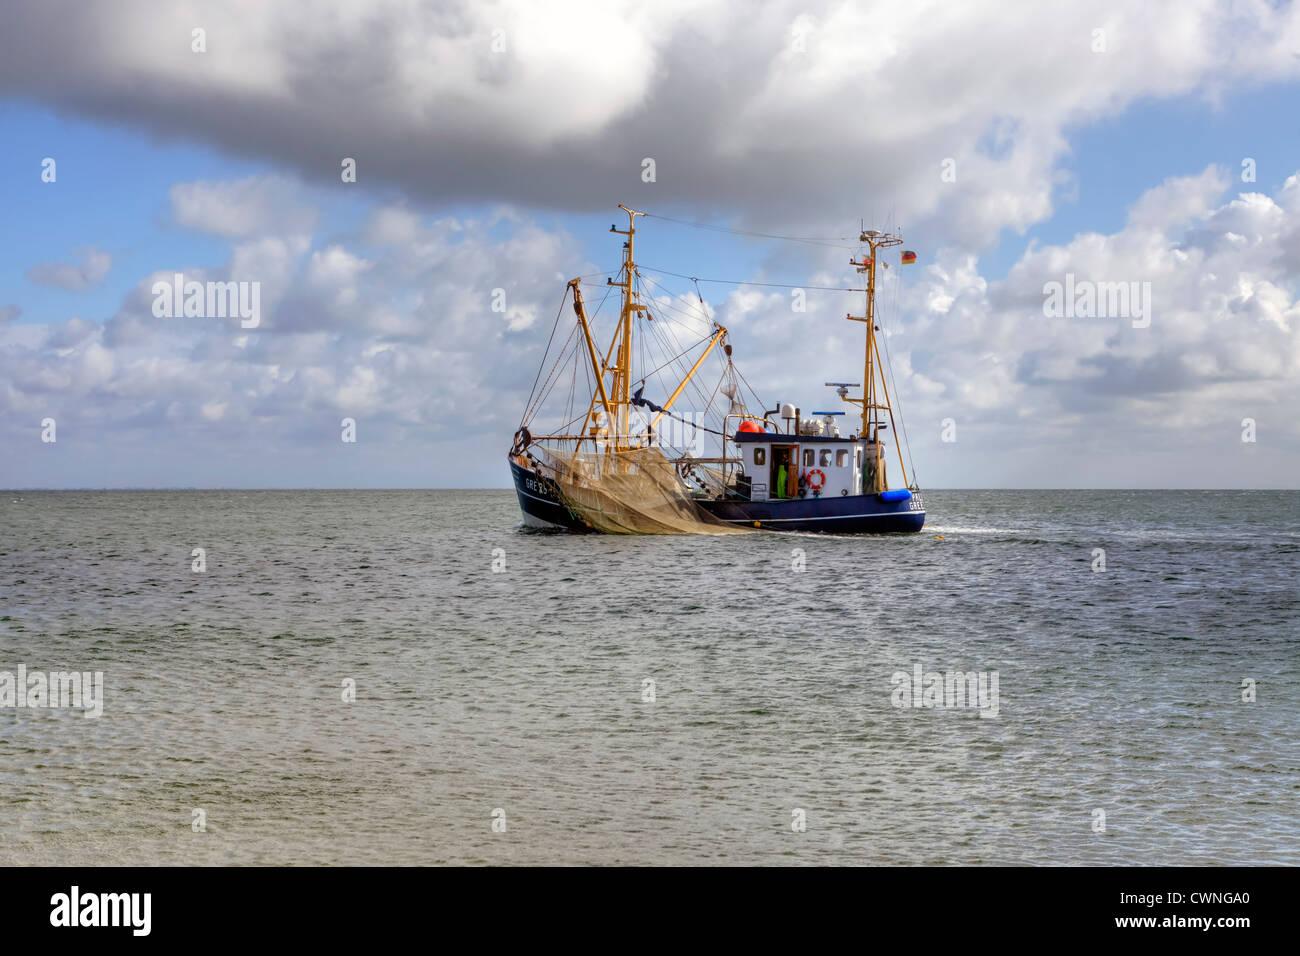 Arrastrero, Sylt, Mar del Norte, Hornum, Schleswig-Holstein, Alemania Foto de stock